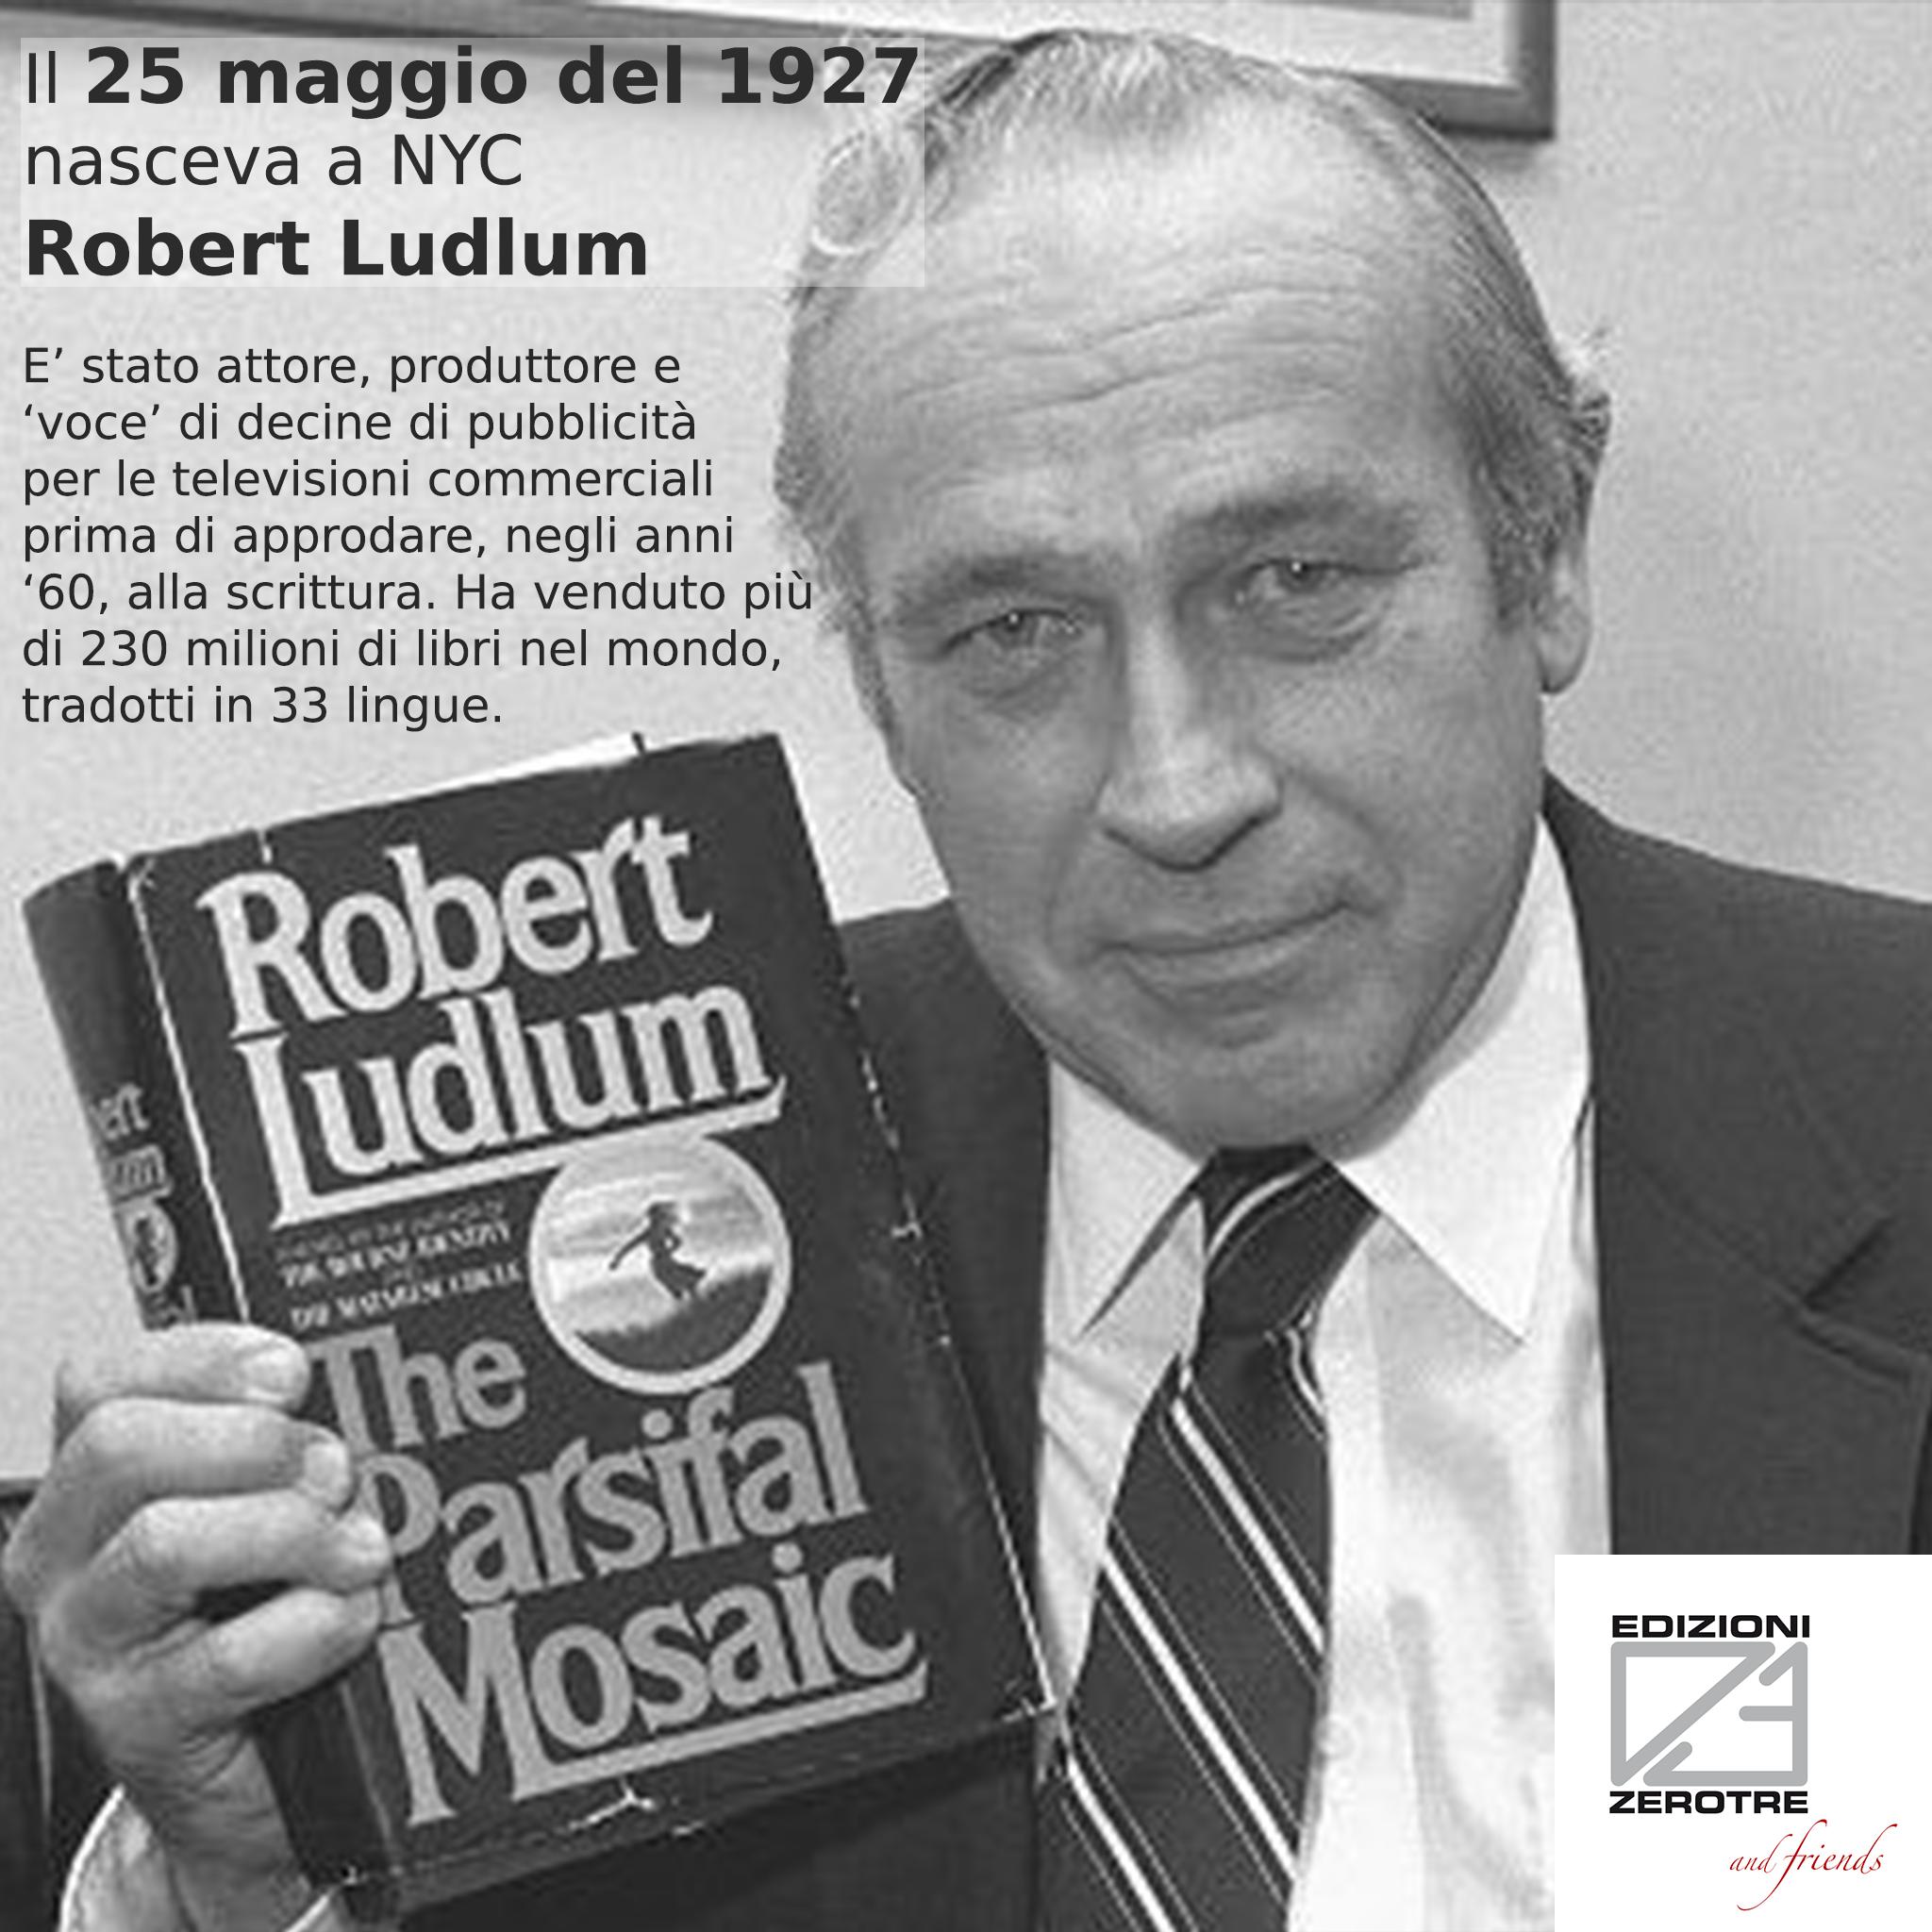 Il 25 Maggio del 1927 nasceva Robert Ludlum, considerato